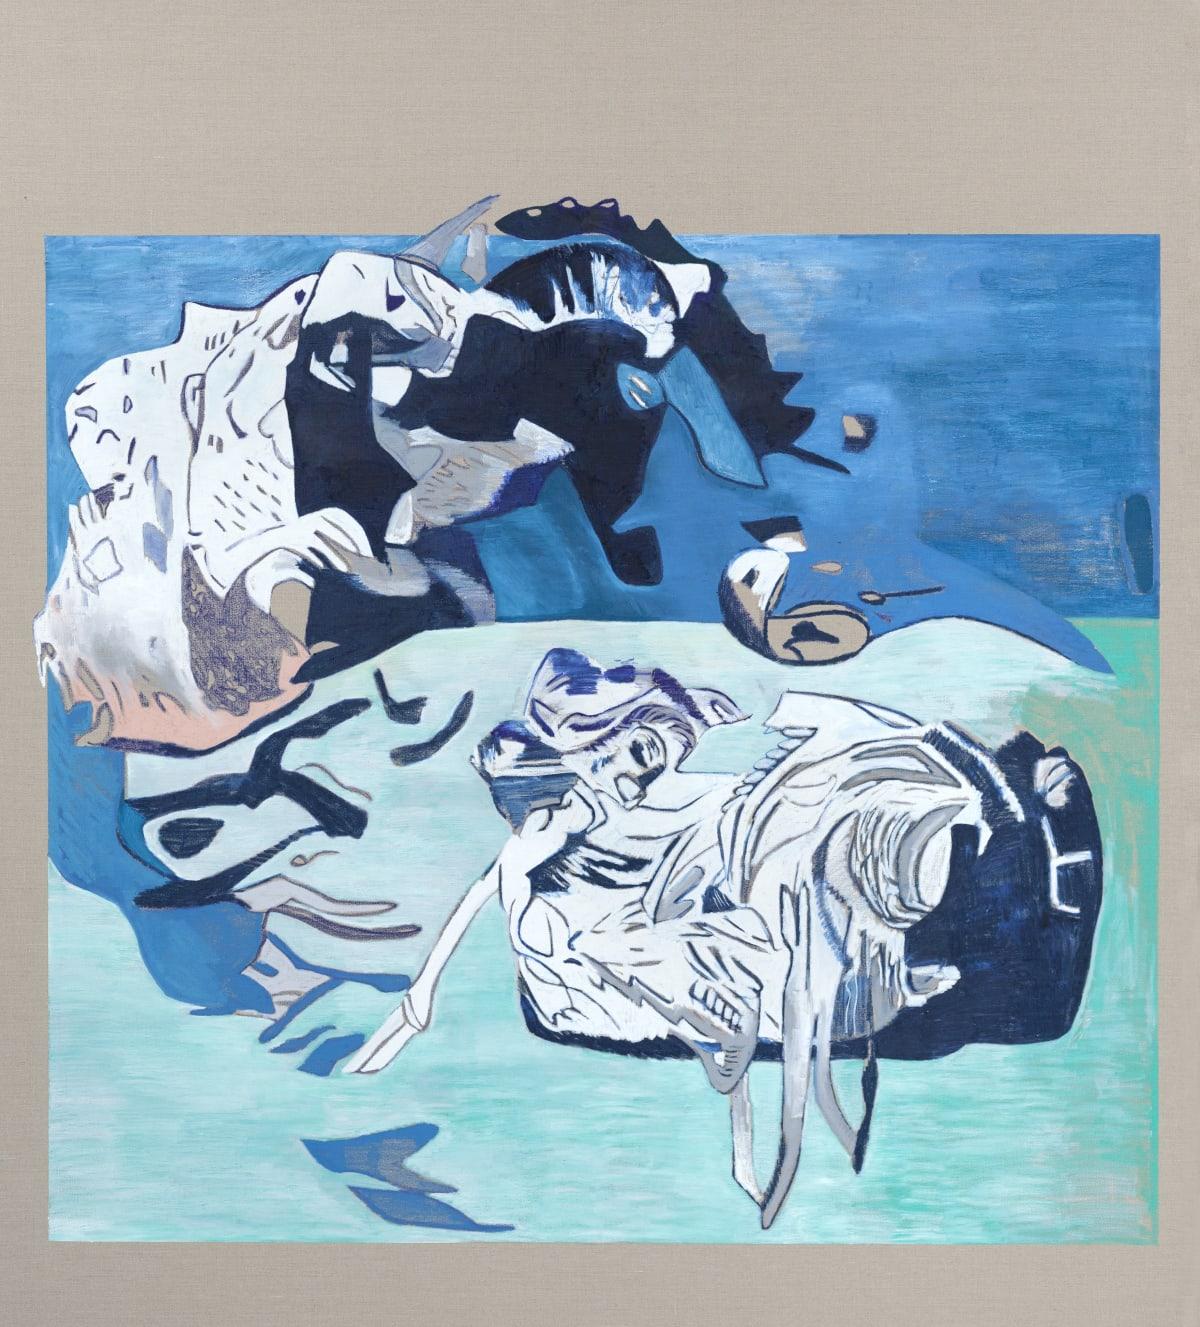 Florentijn de Boer, In what salt rivers will we wash this story - III